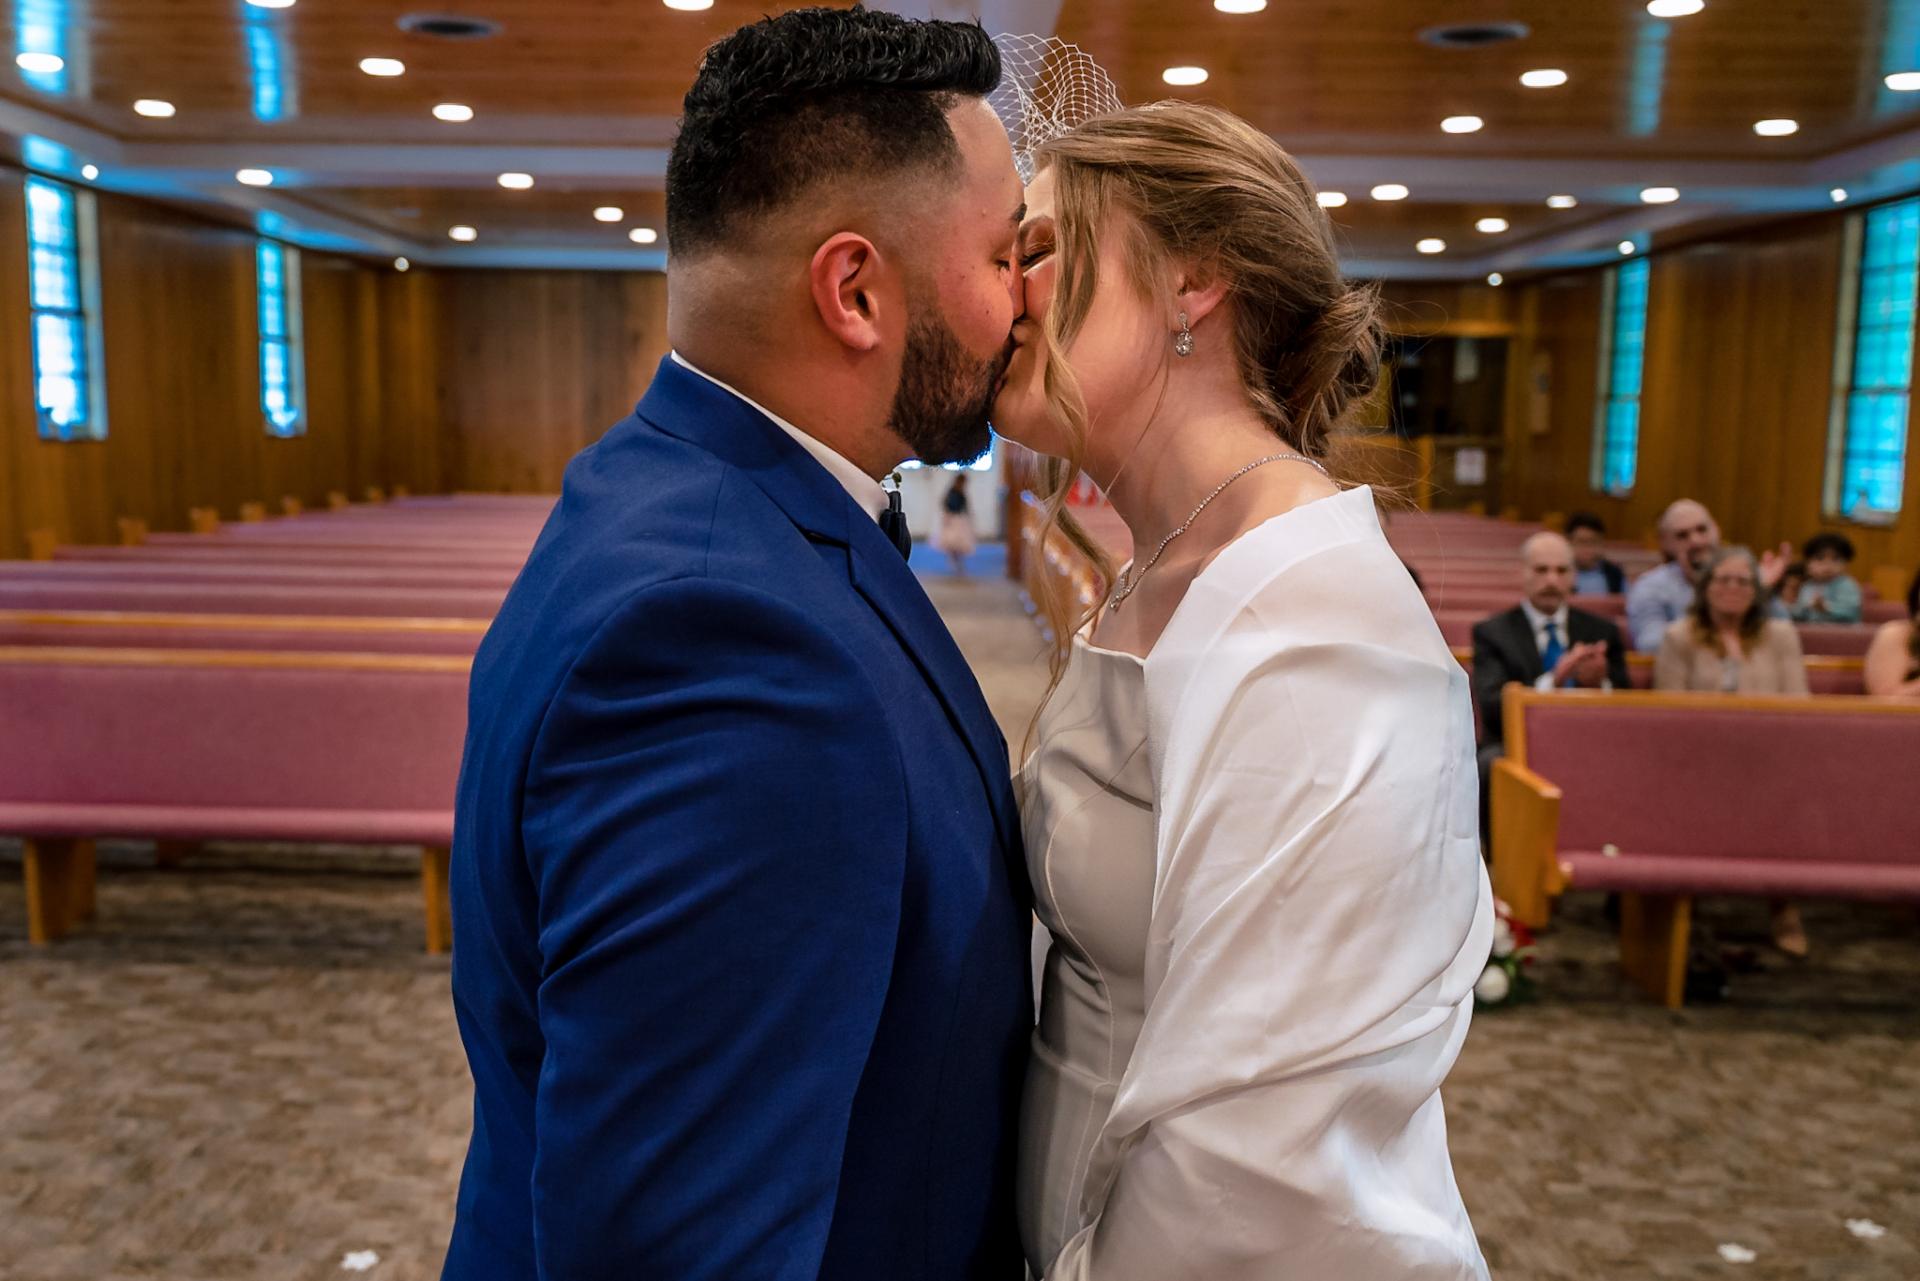 Smoky Mountain Weddings - Photographe de cérémonie TN | premier bisou pour le couple